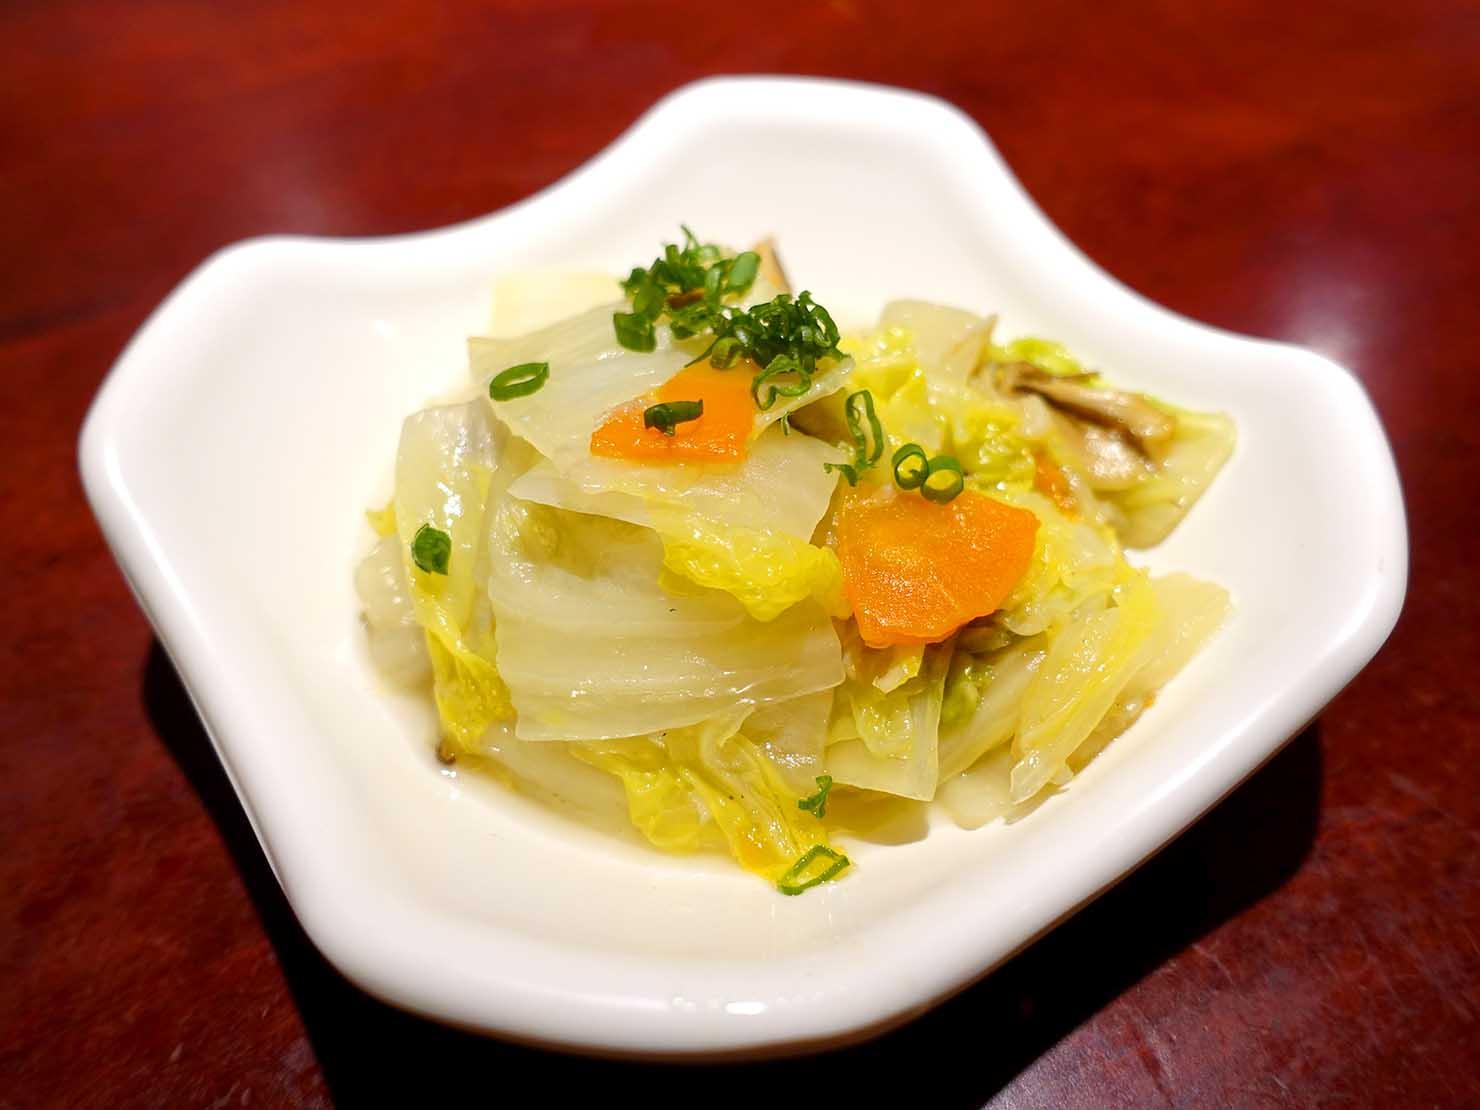 台北駅裏エリア(後站)のおすすめグルメ店「大稻埕魯肉飯」の白菜滷